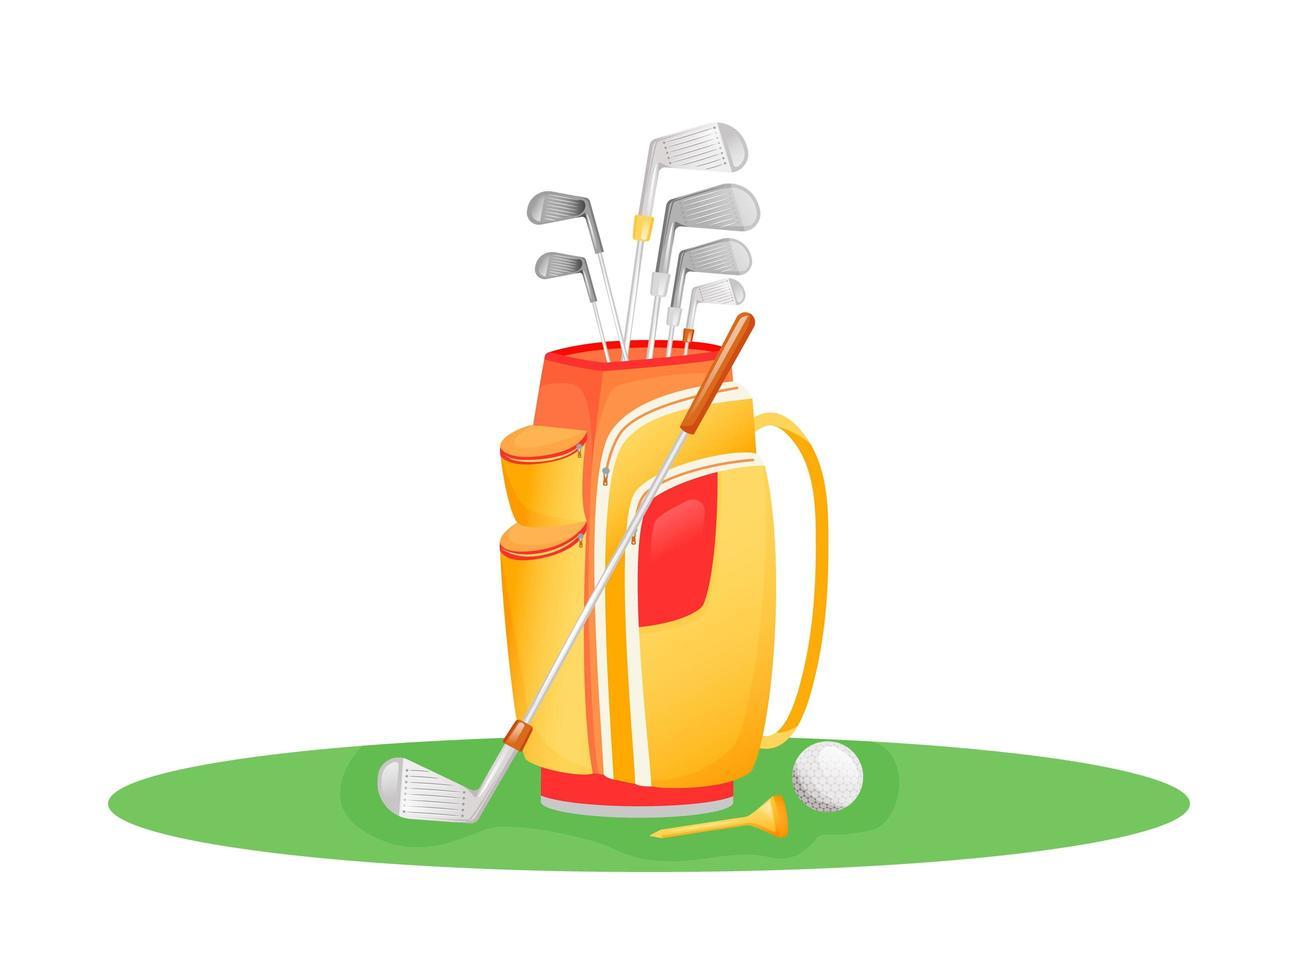 conjunto de tacos de golfe vetor